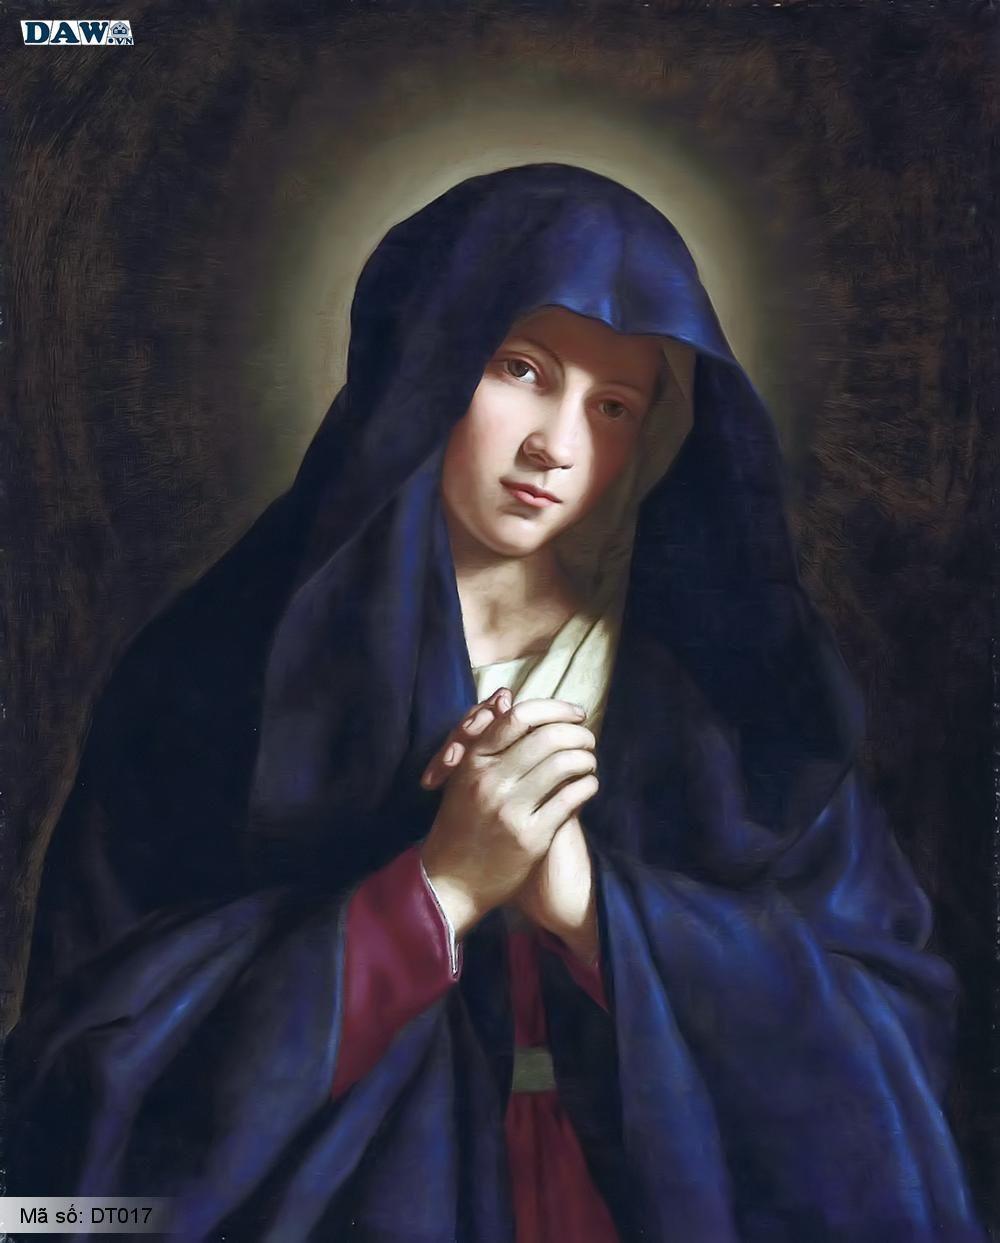 Tranh dán tường Hàn Quốc, hình ảnh về thiên chúa giáo, đức mẹ Maria, giáo xứ, chúa Giê su DT017